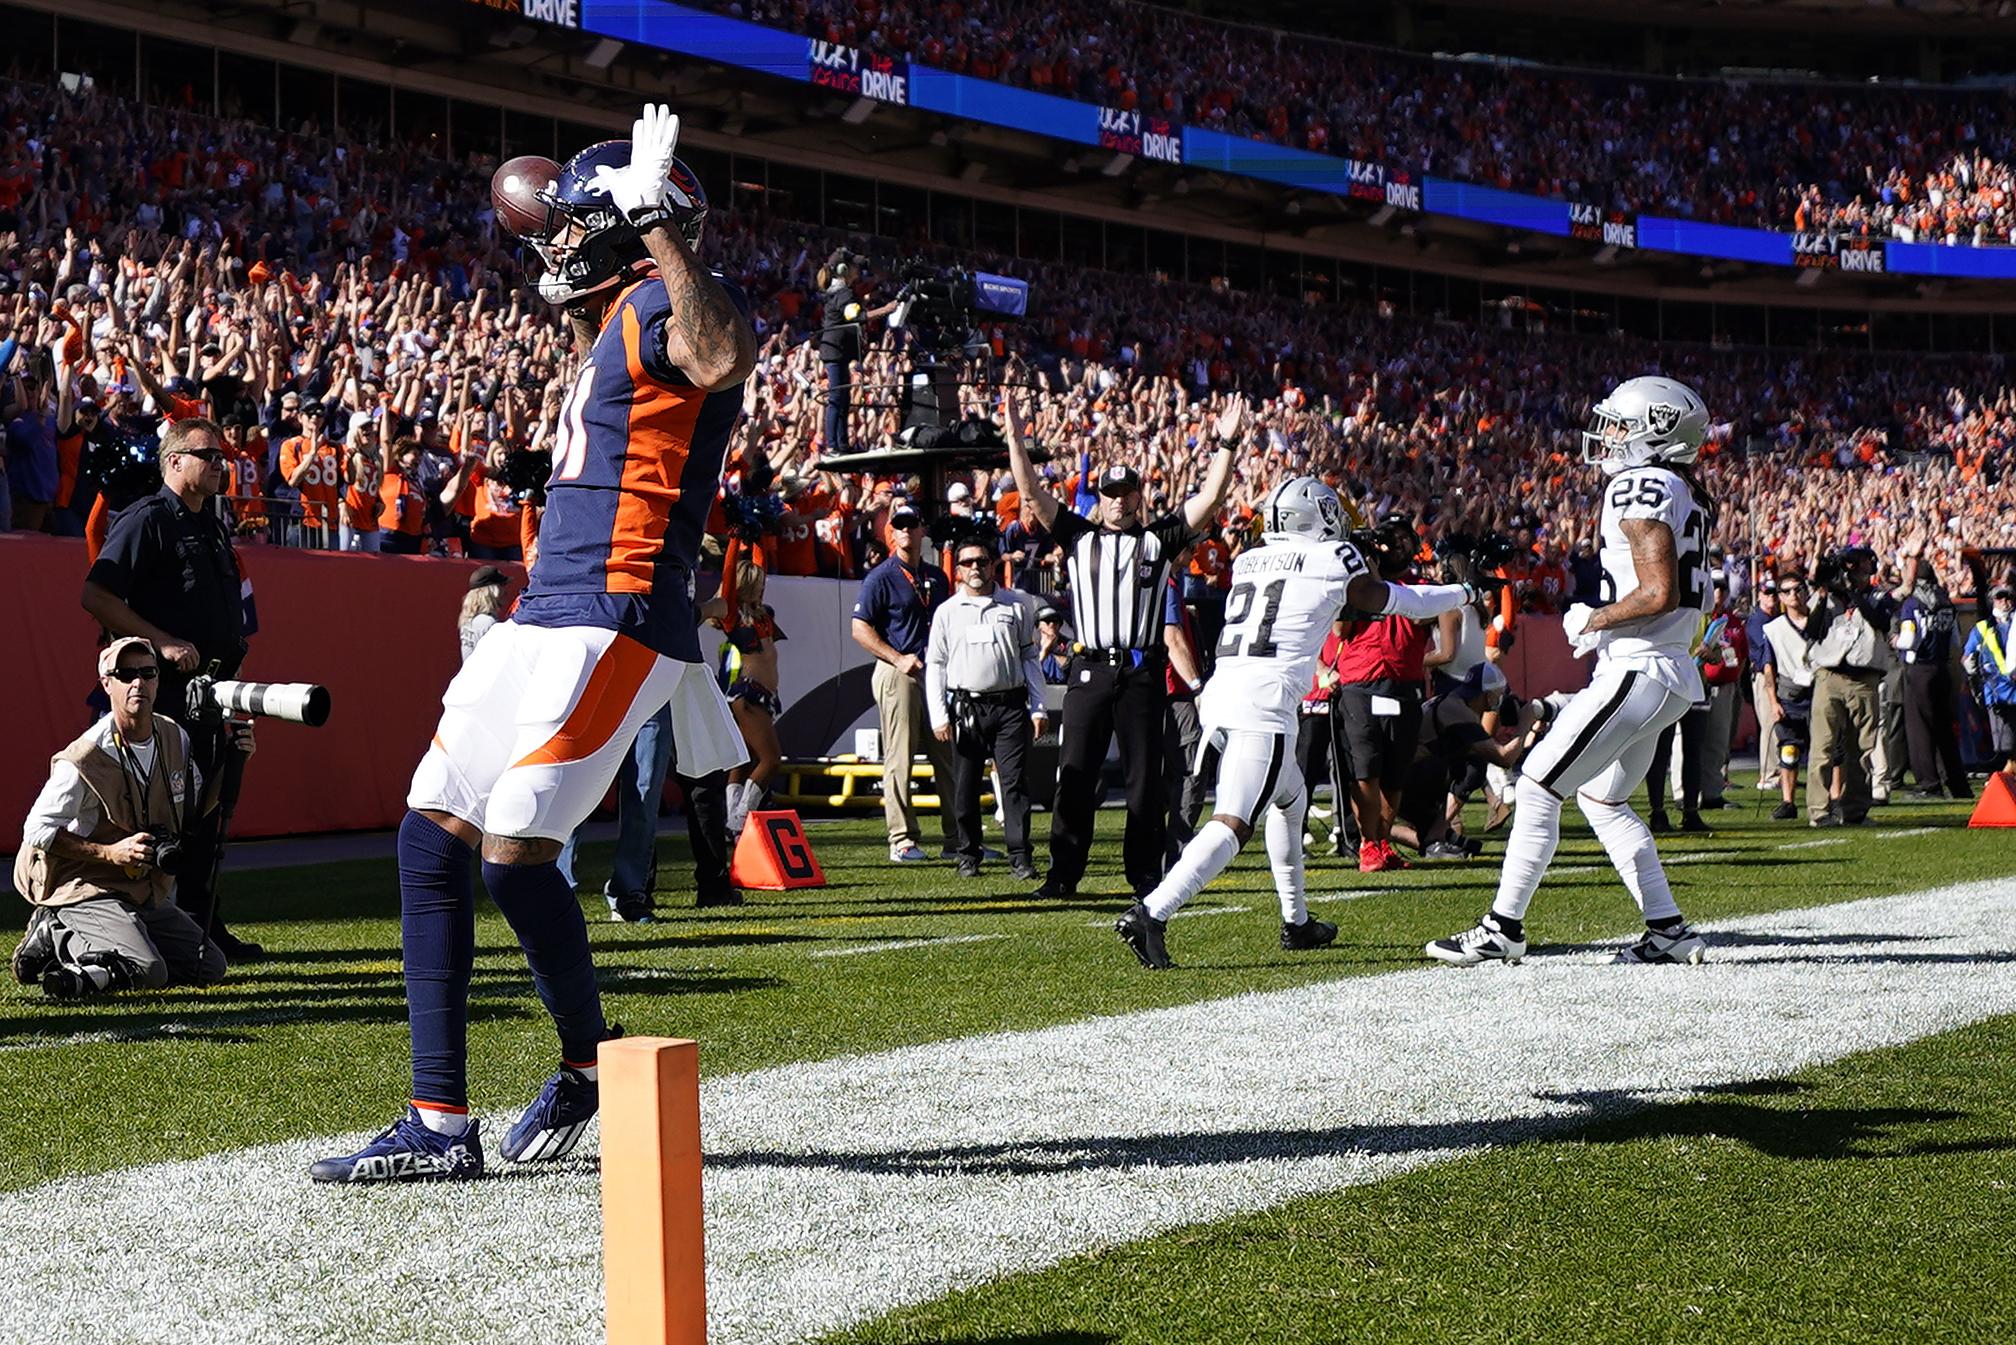 Denver Broncos wide receiver Tim Patrick scores a touchdown against the Las Vegas Raiders.